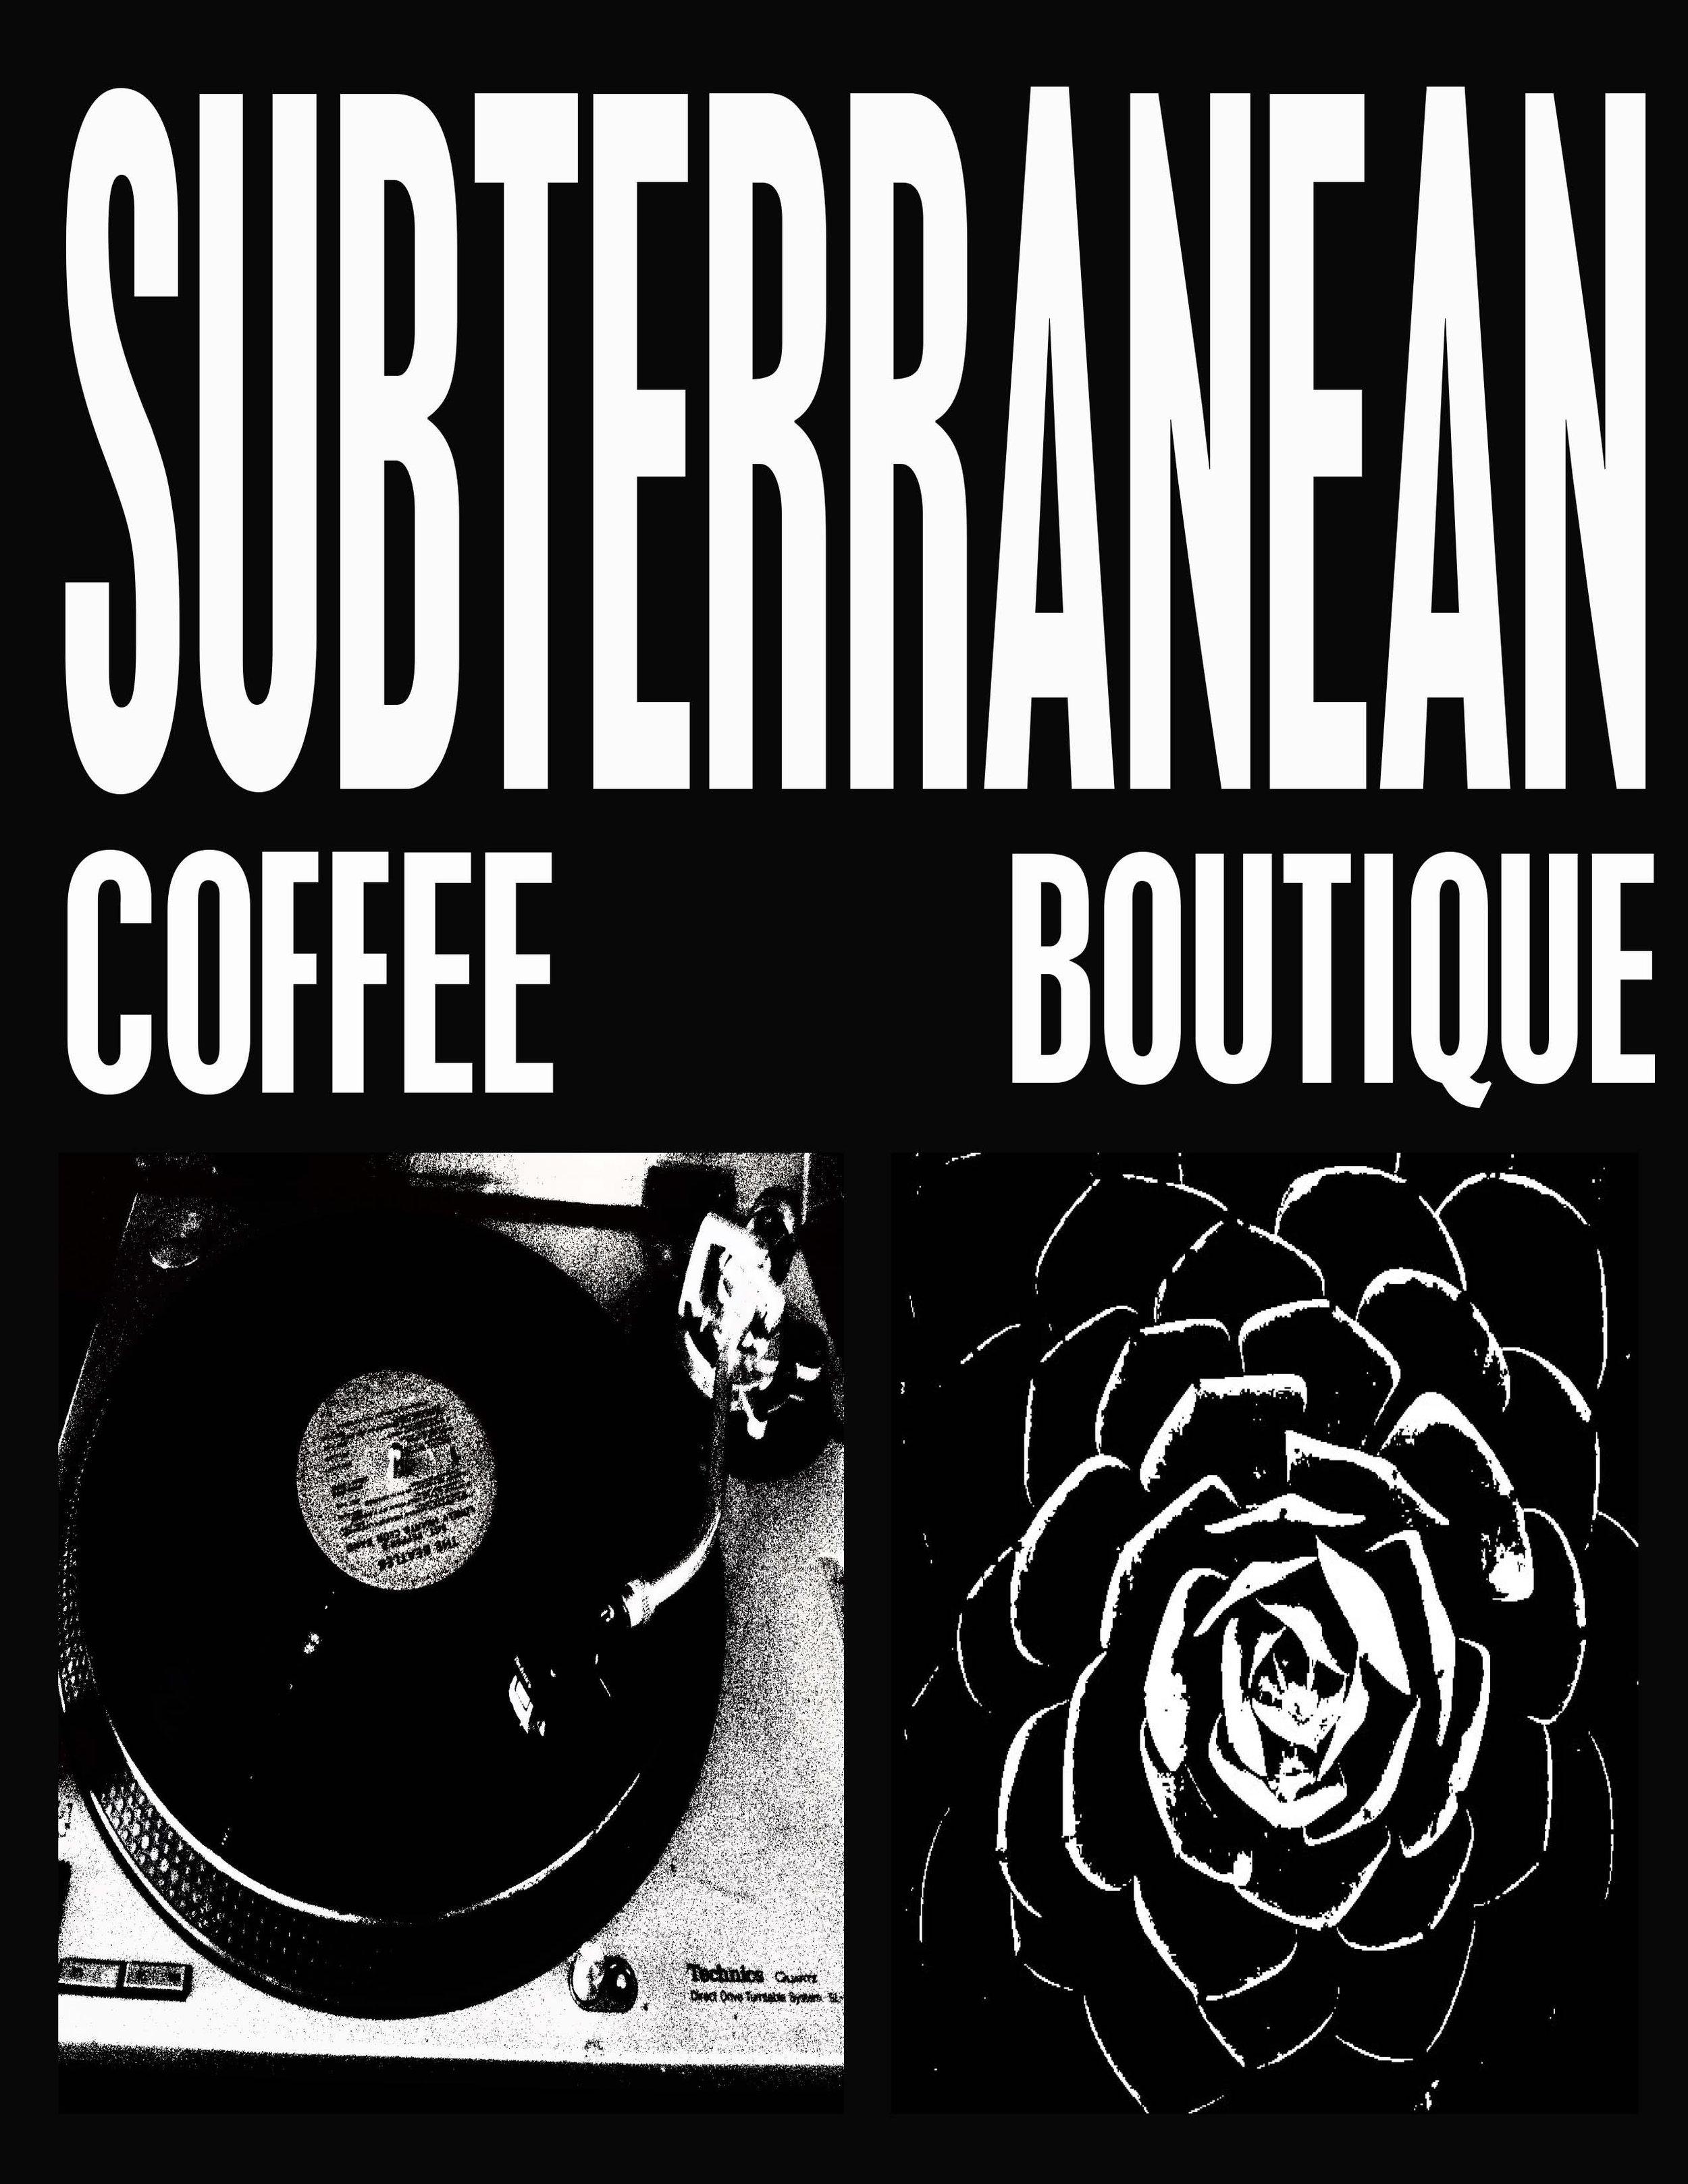 subbterranean coffee.jpg